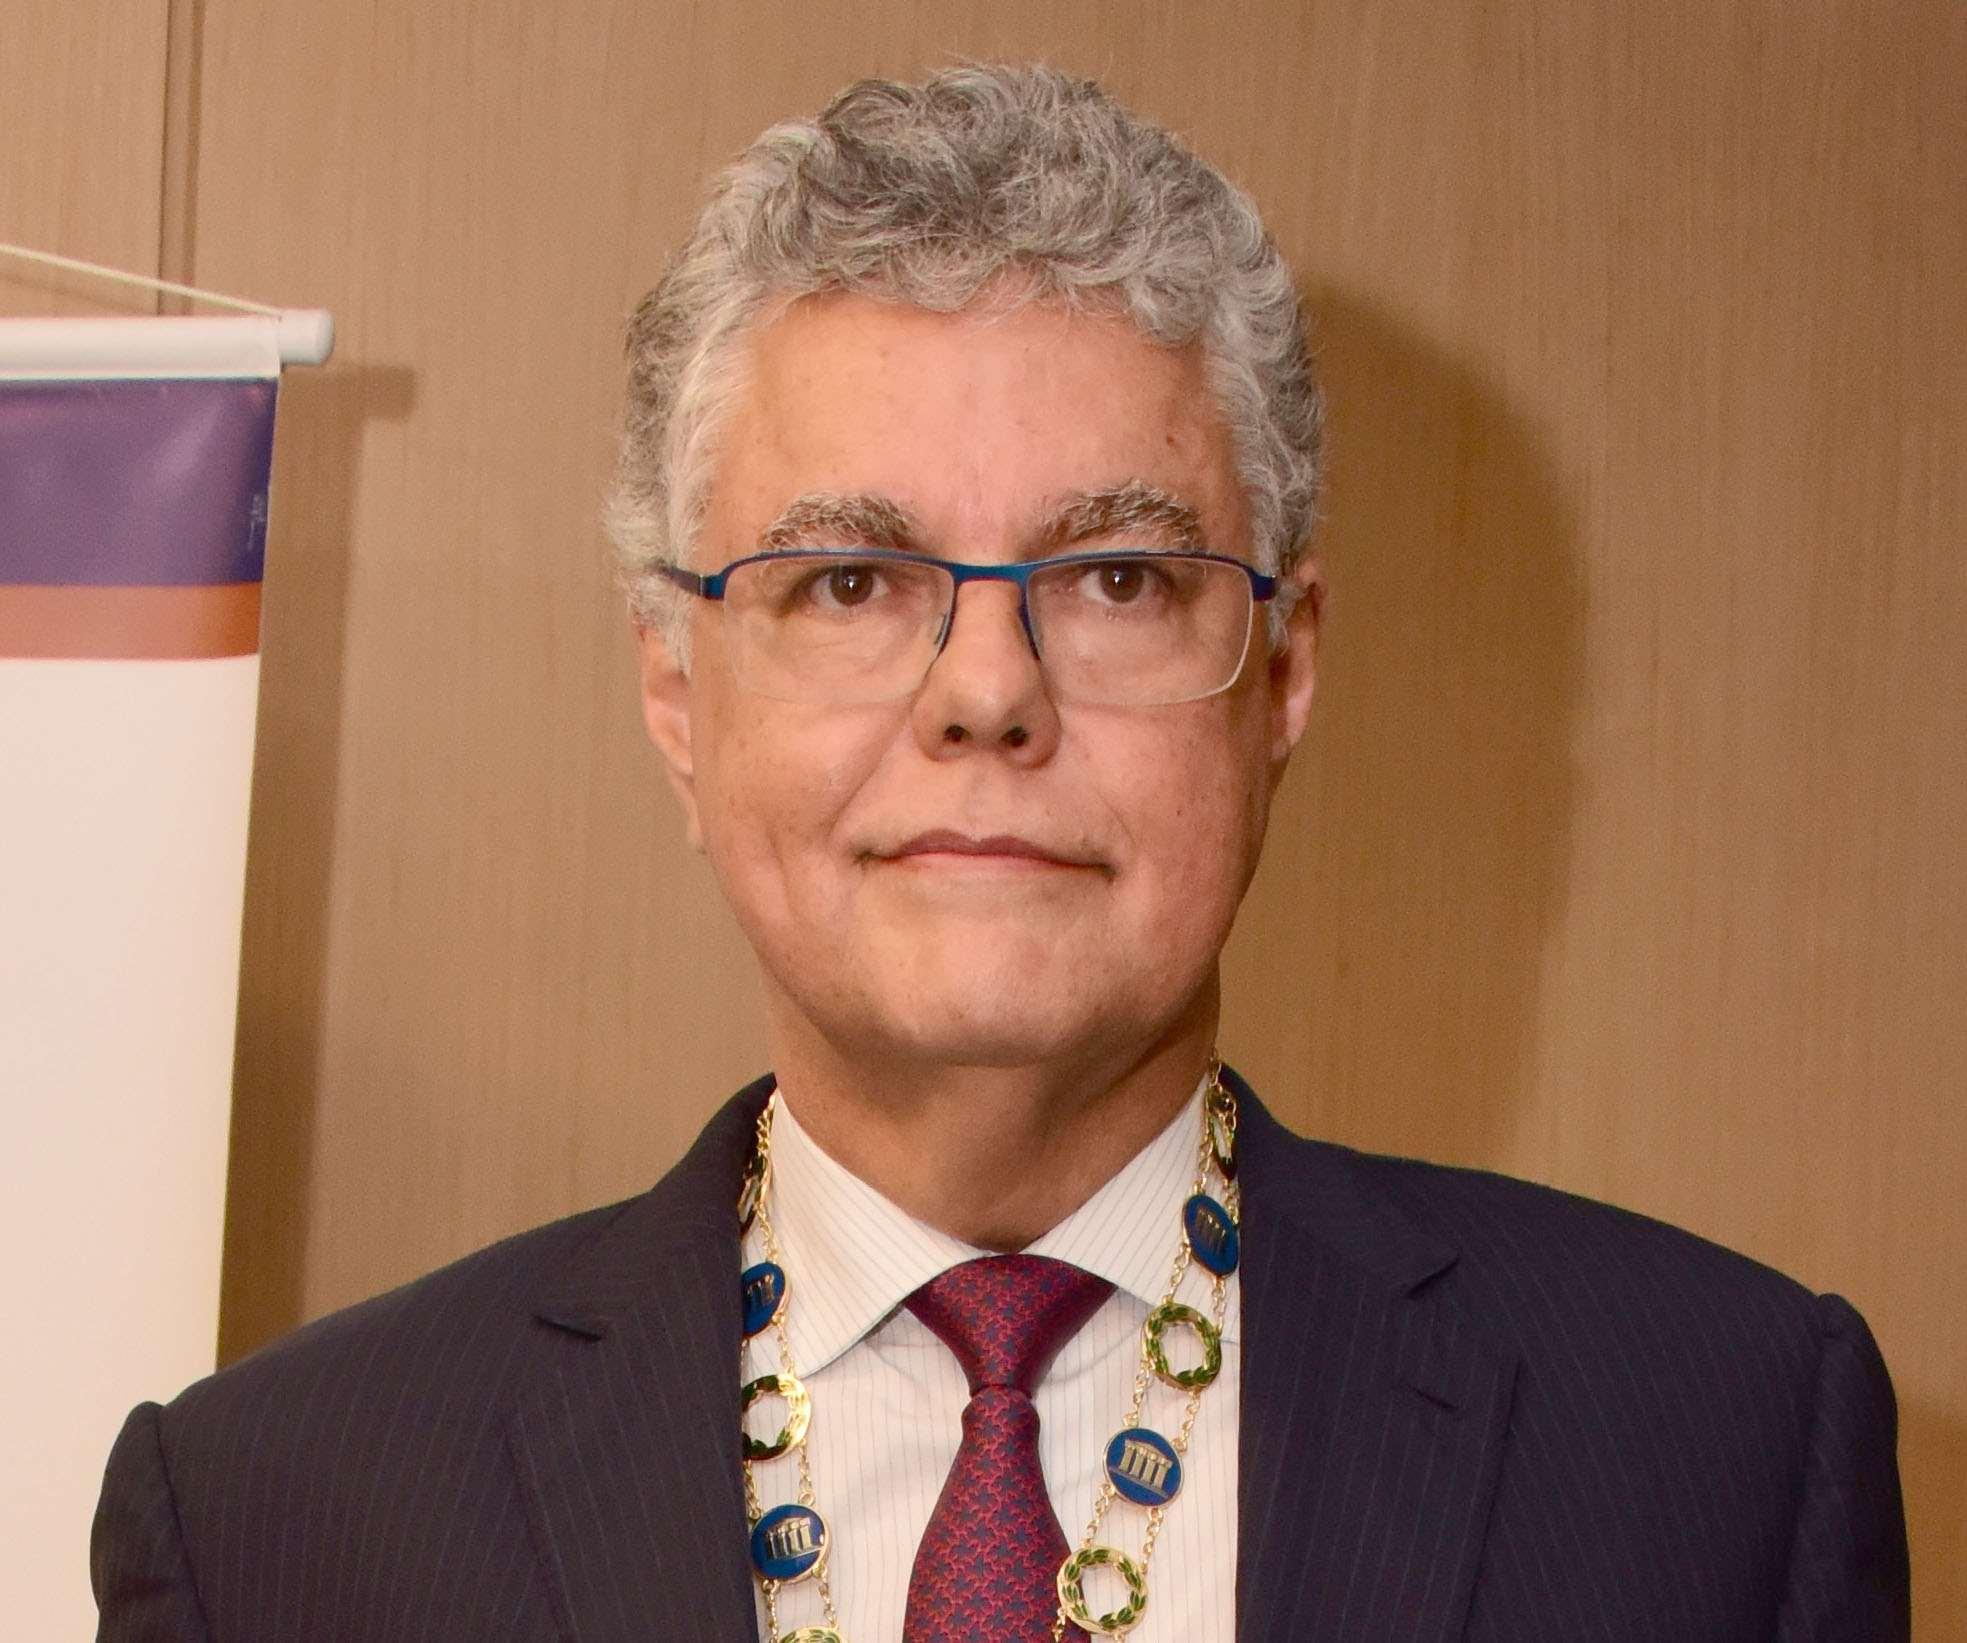 Luiz Tavares Pereira Filho